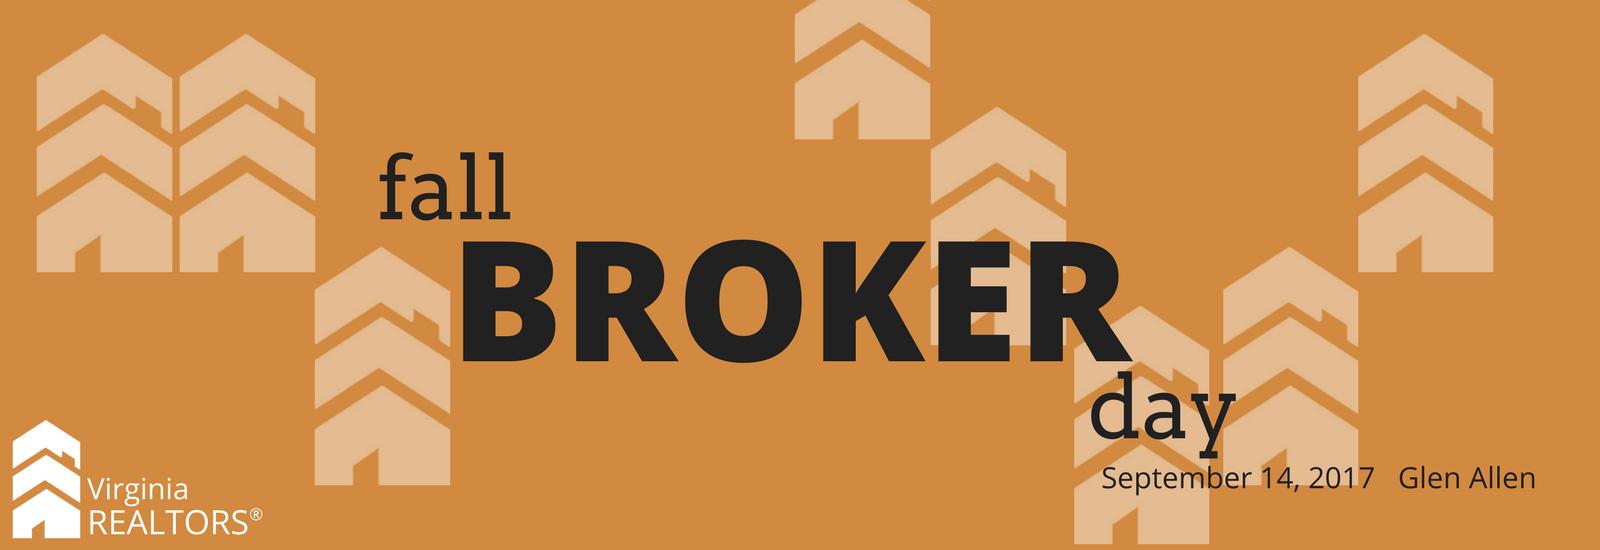 Fall Broker Day, September 14, 2017